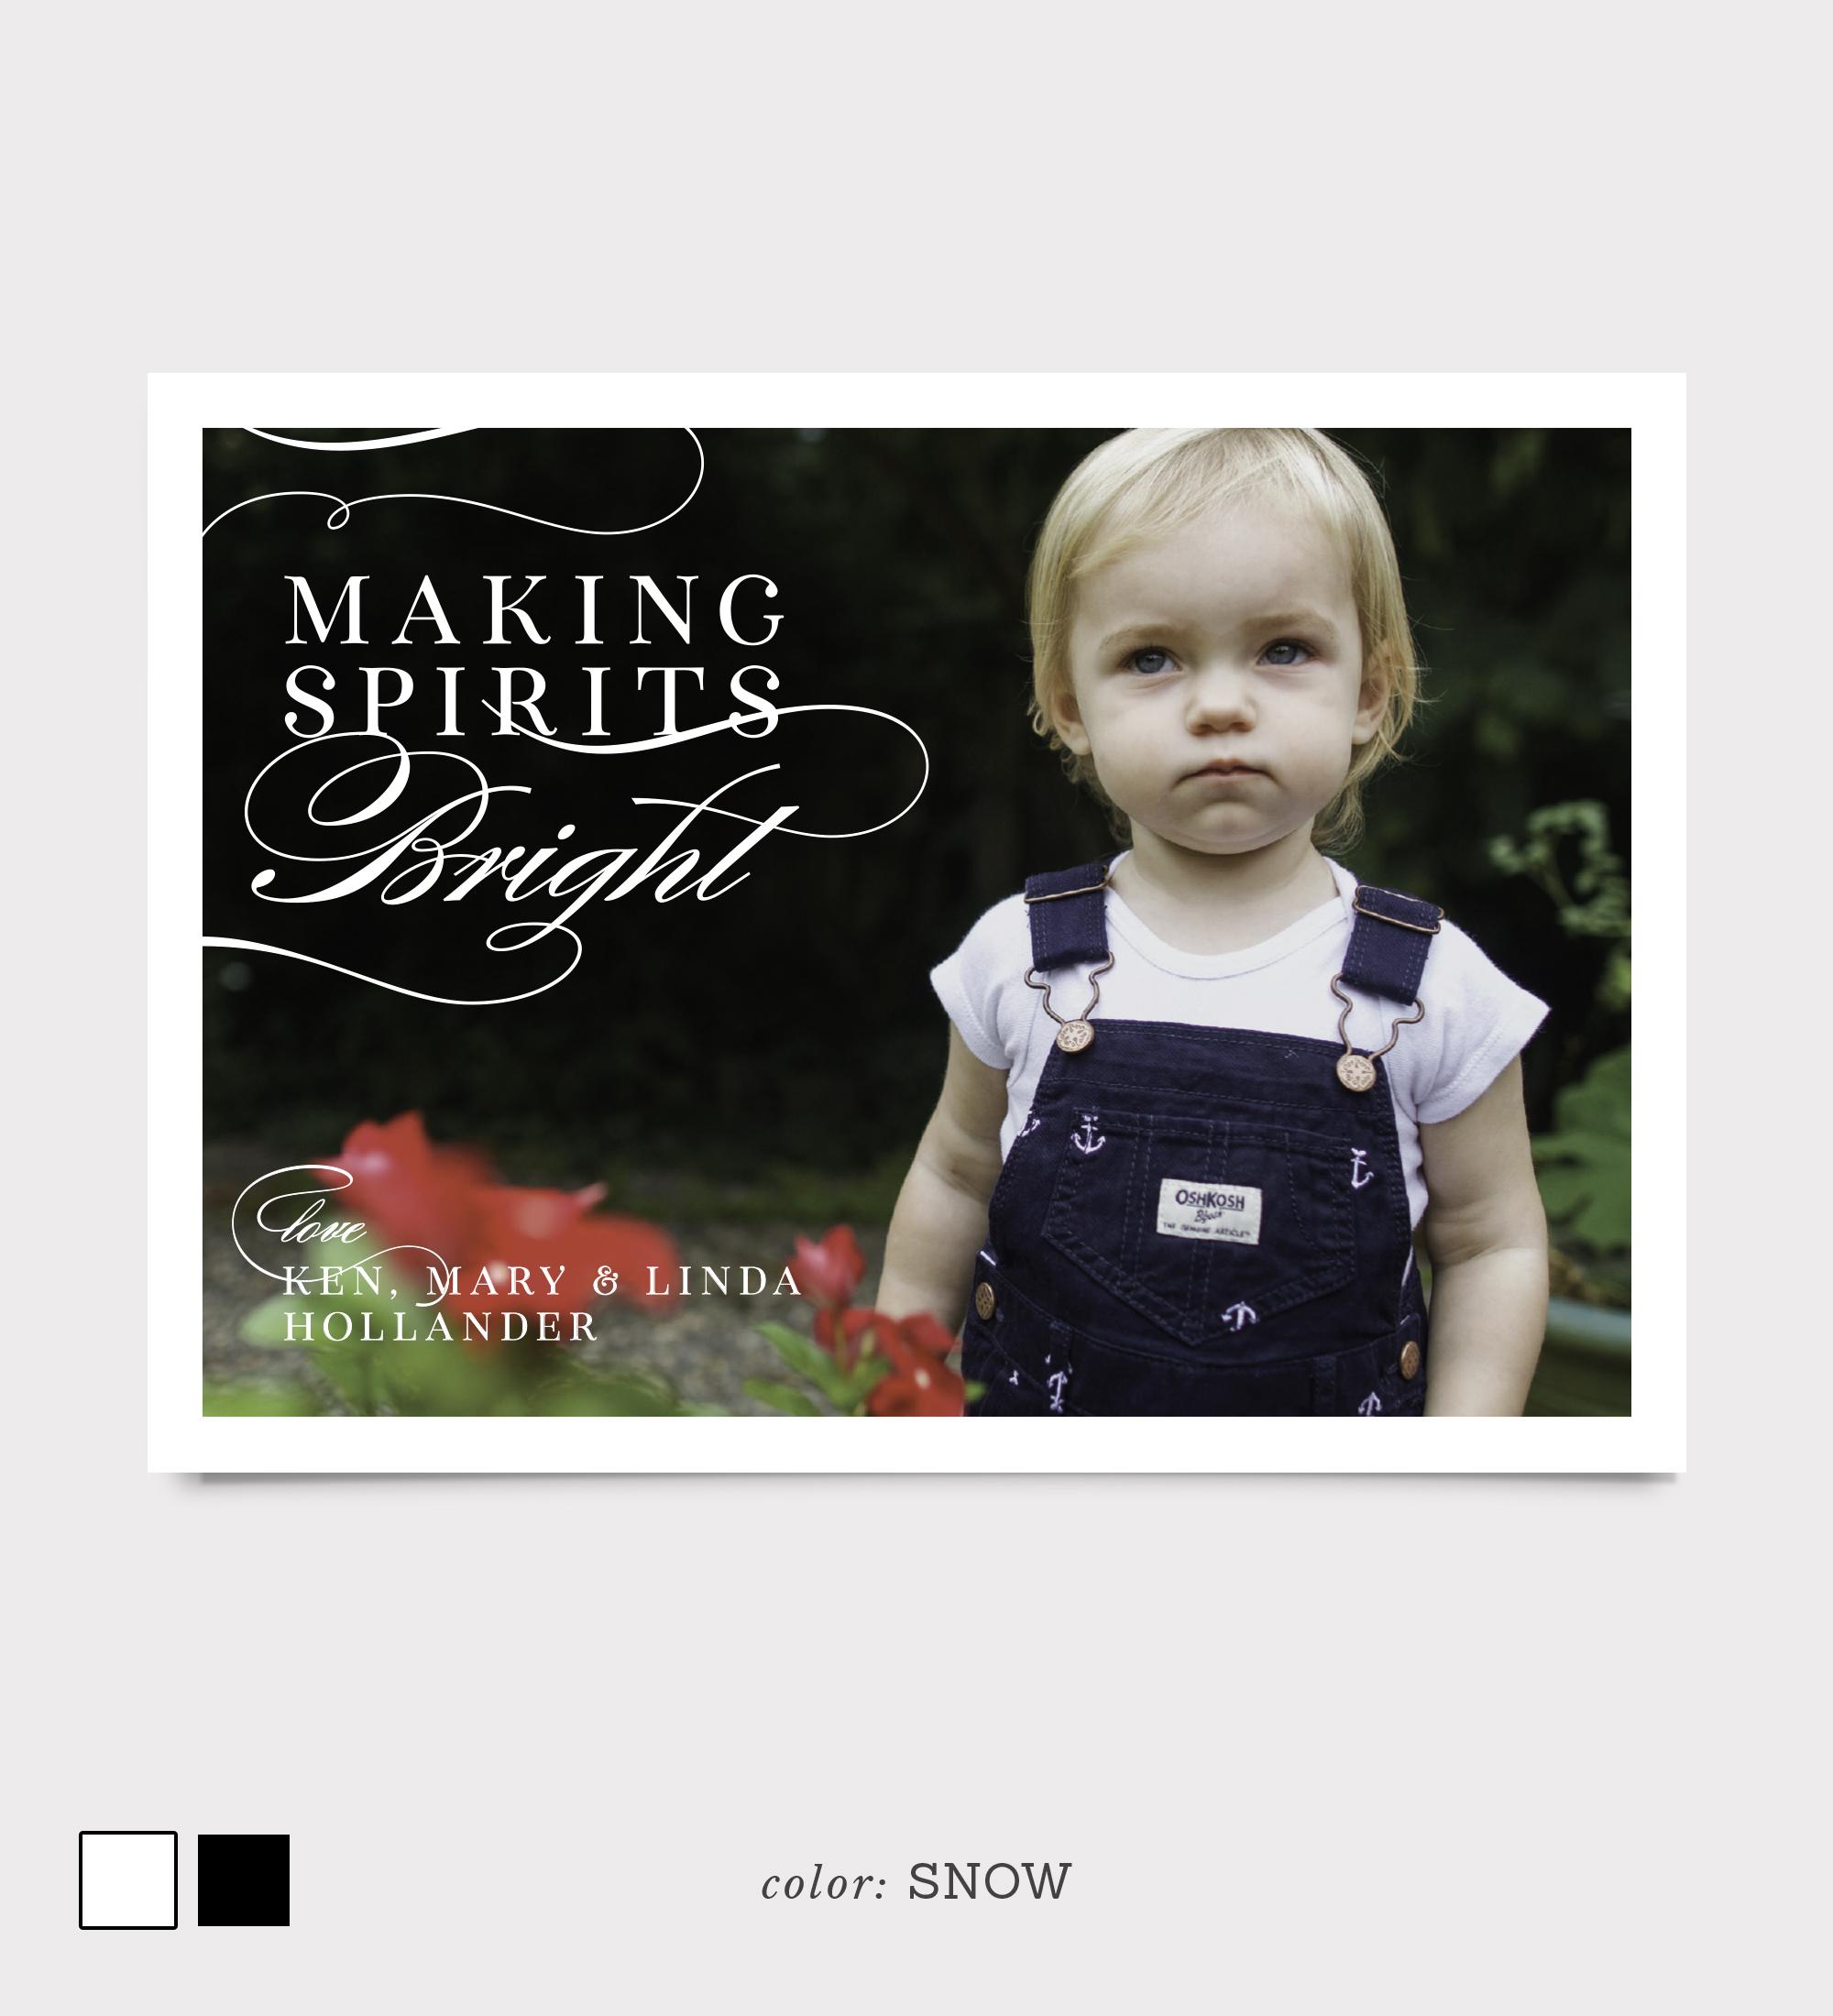 CRISP_19H-MakingSpiritsBright_1.jpg